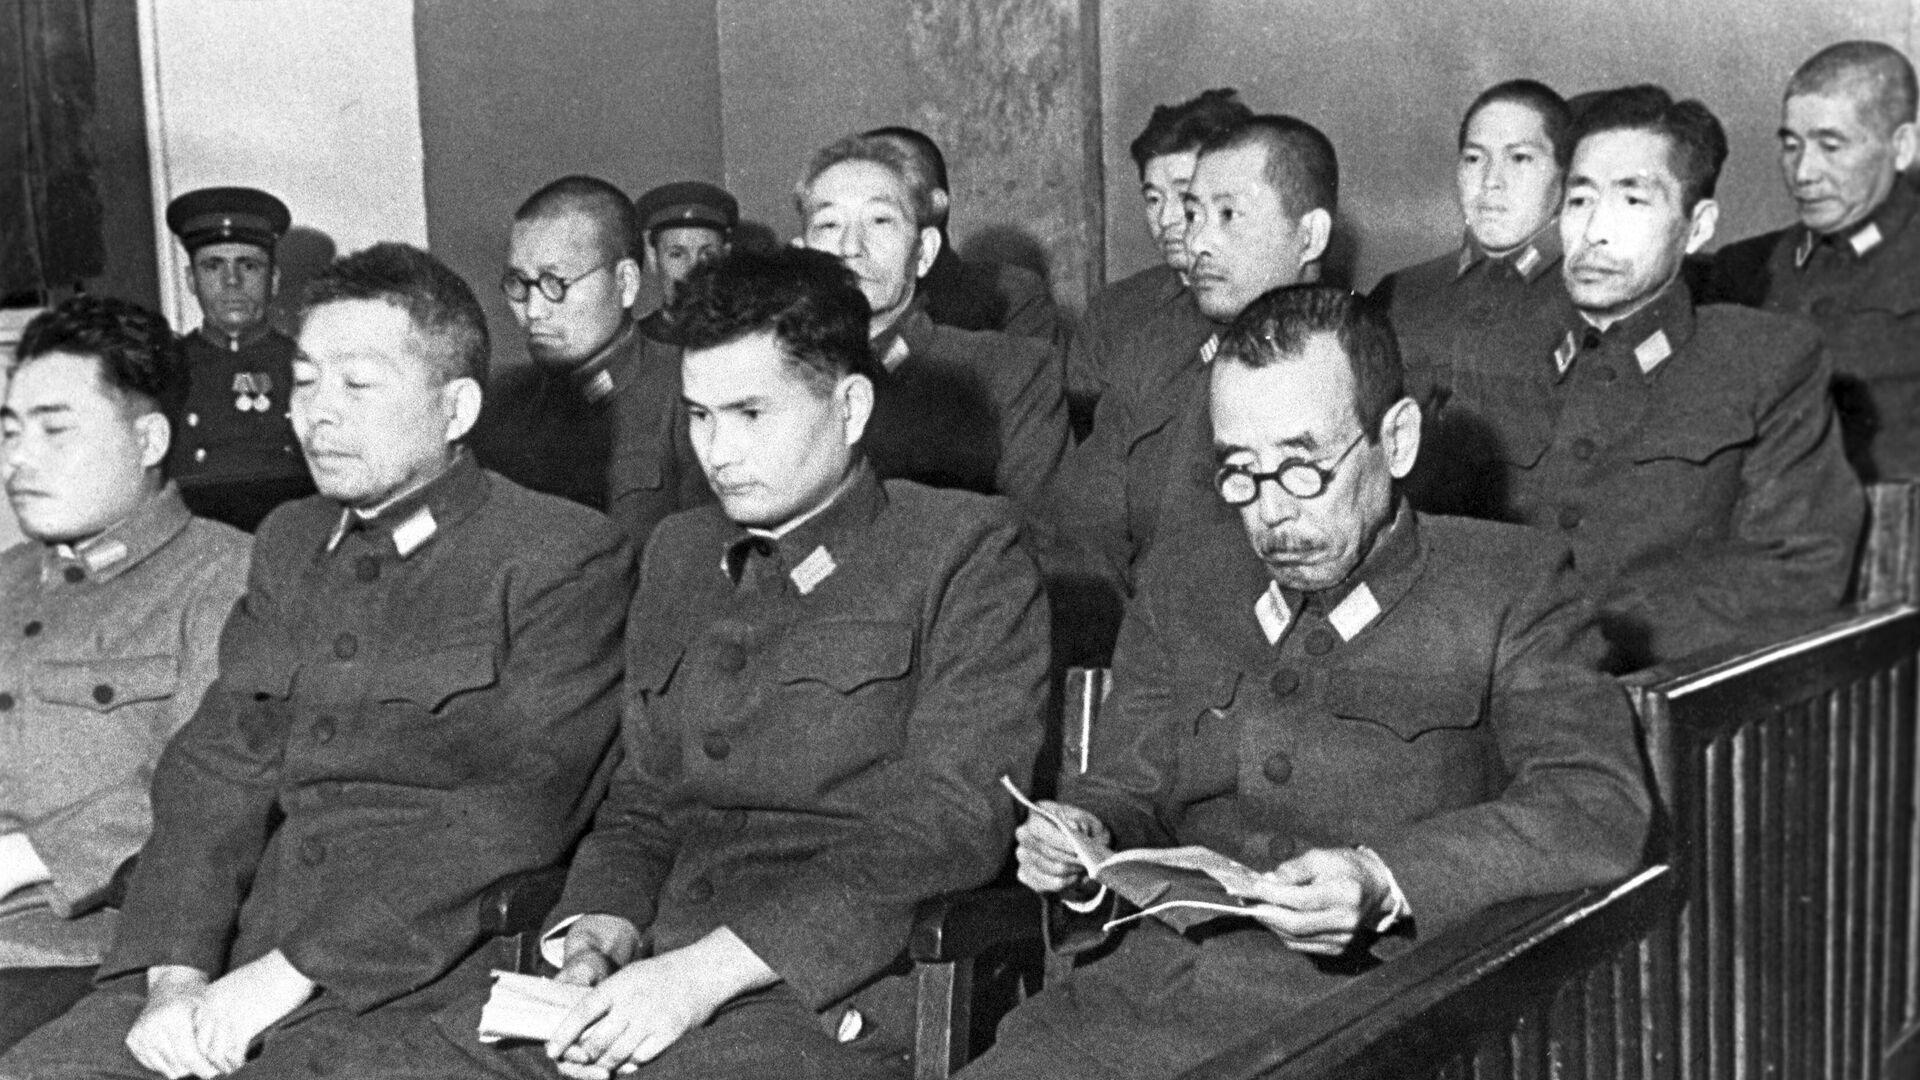 Подсудимые по делу бывших военнослужащих японской армии, обвиняемых в подготовке к применению бактериологического оружия - РИА Новости, 1920, 06.09.2021